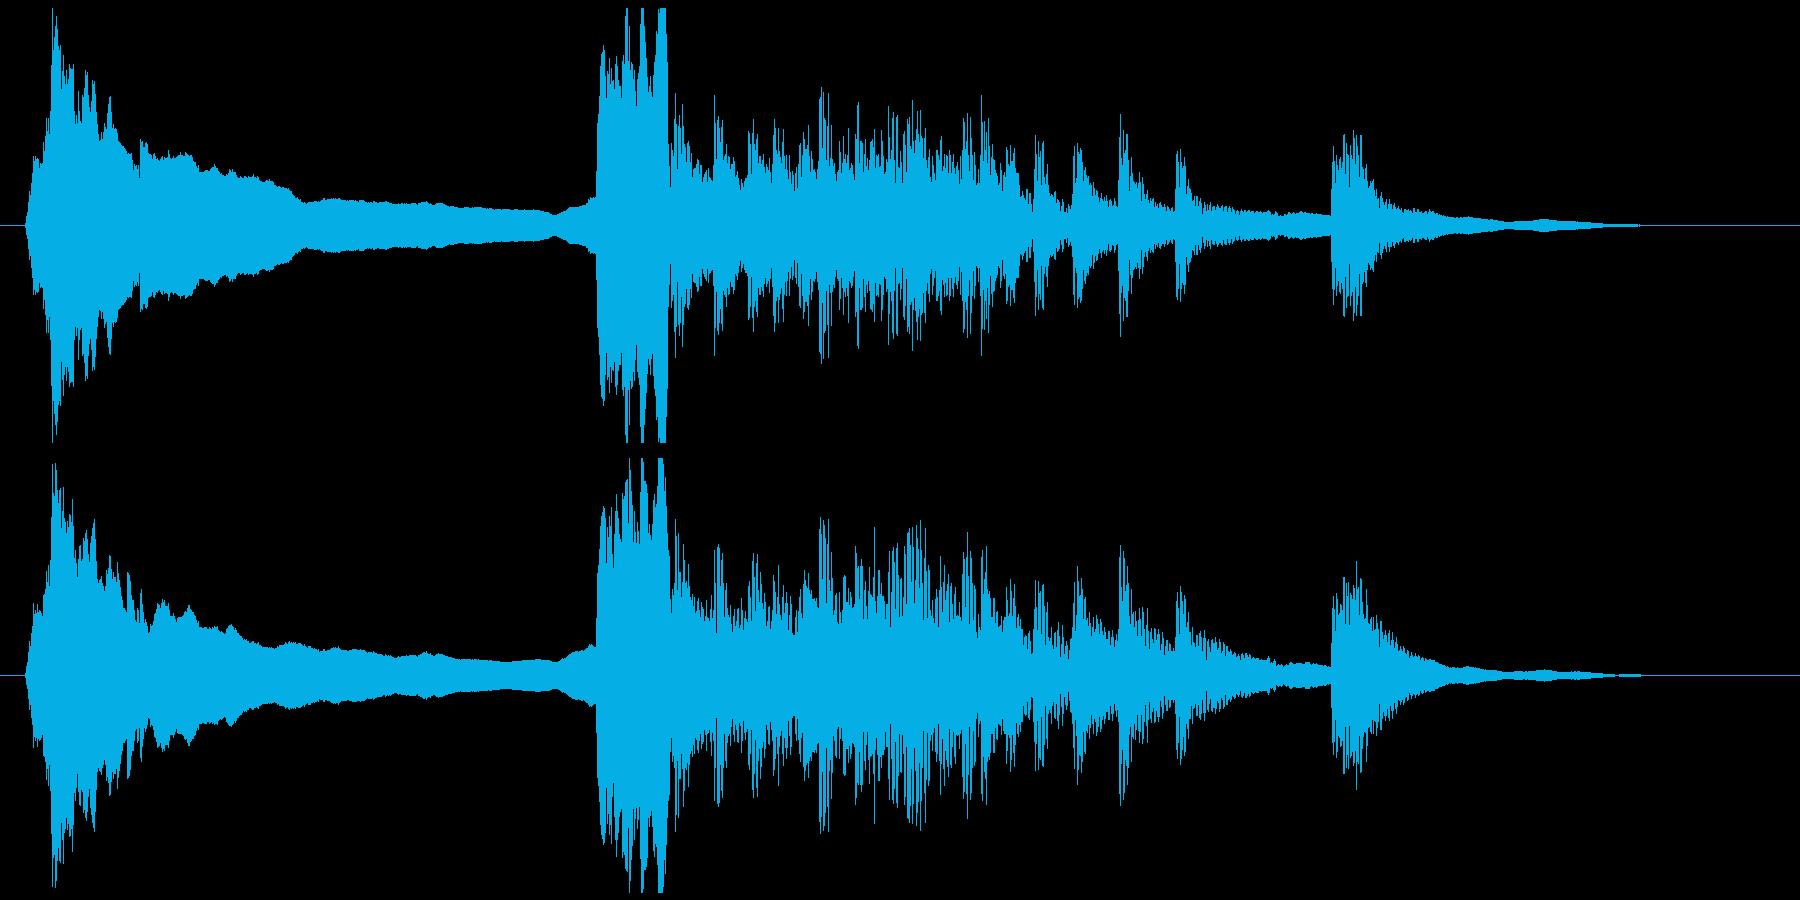 尺八と和太鼓のジングルの再生済みの波形